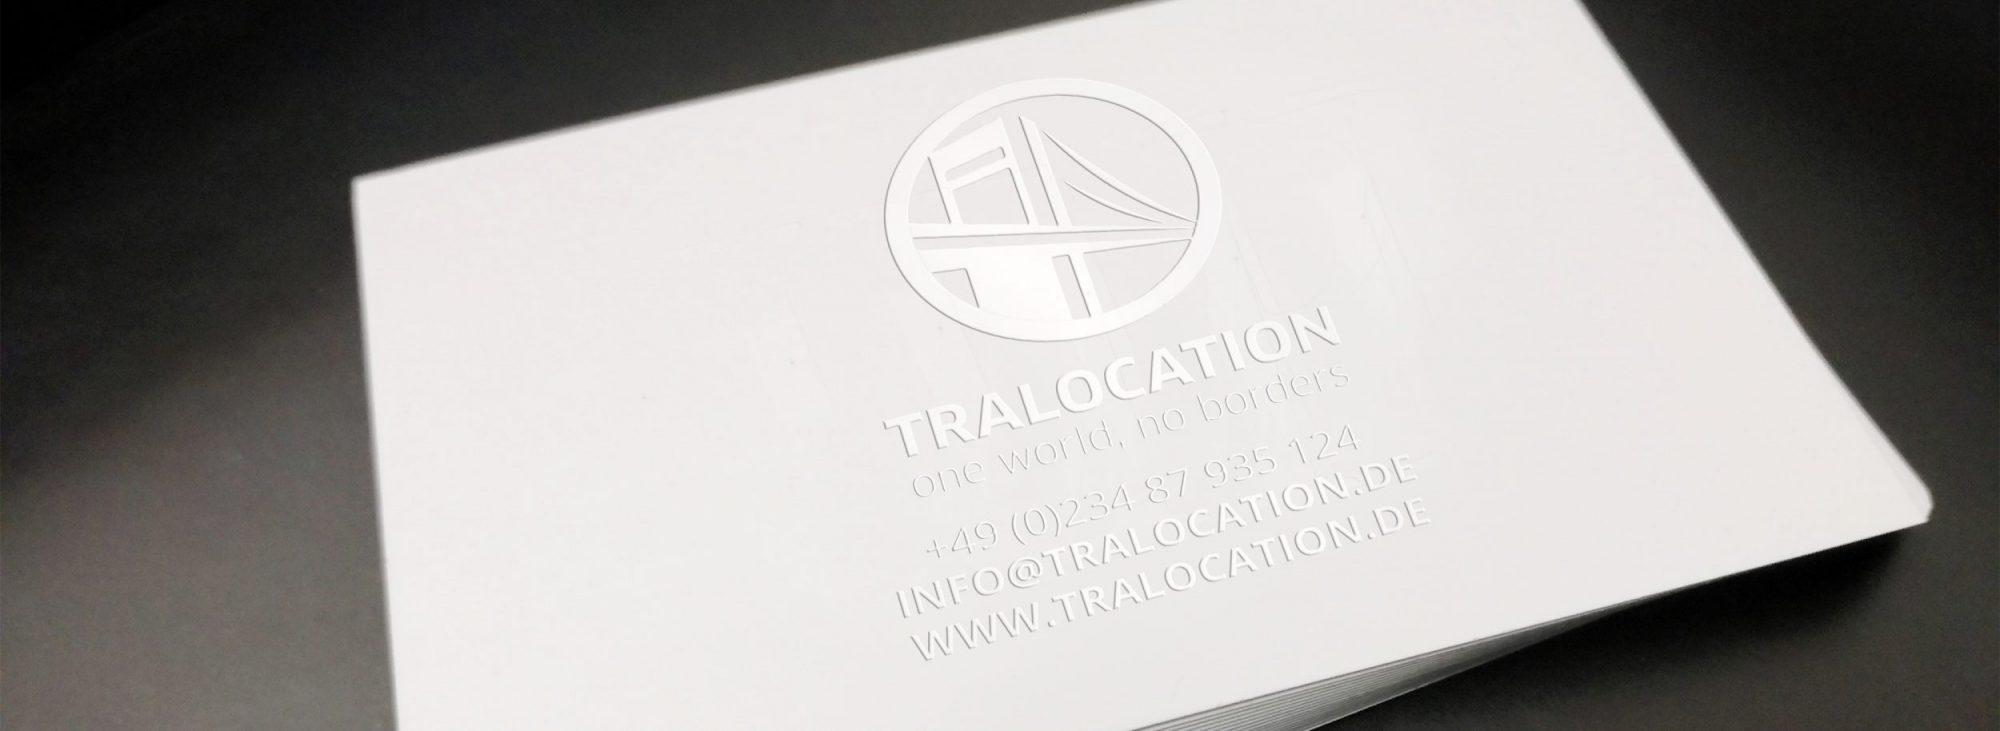 Tralocation GmbH - Header 05